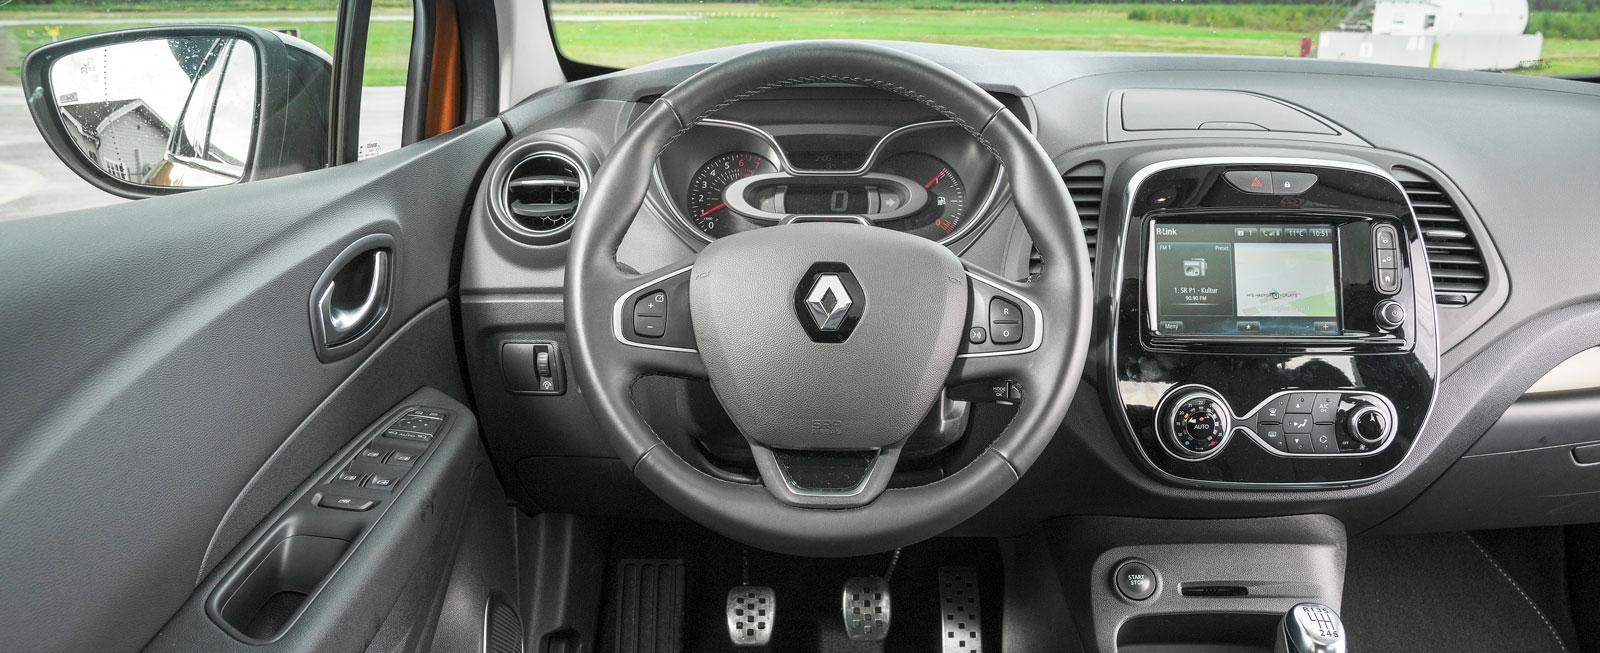 Renault har satsat hårt på bättre inre kvalitetskänsla; resultatet är sisådär. Autobroms saknas och de obelysta rattknapparna är svårfunna i mörker.